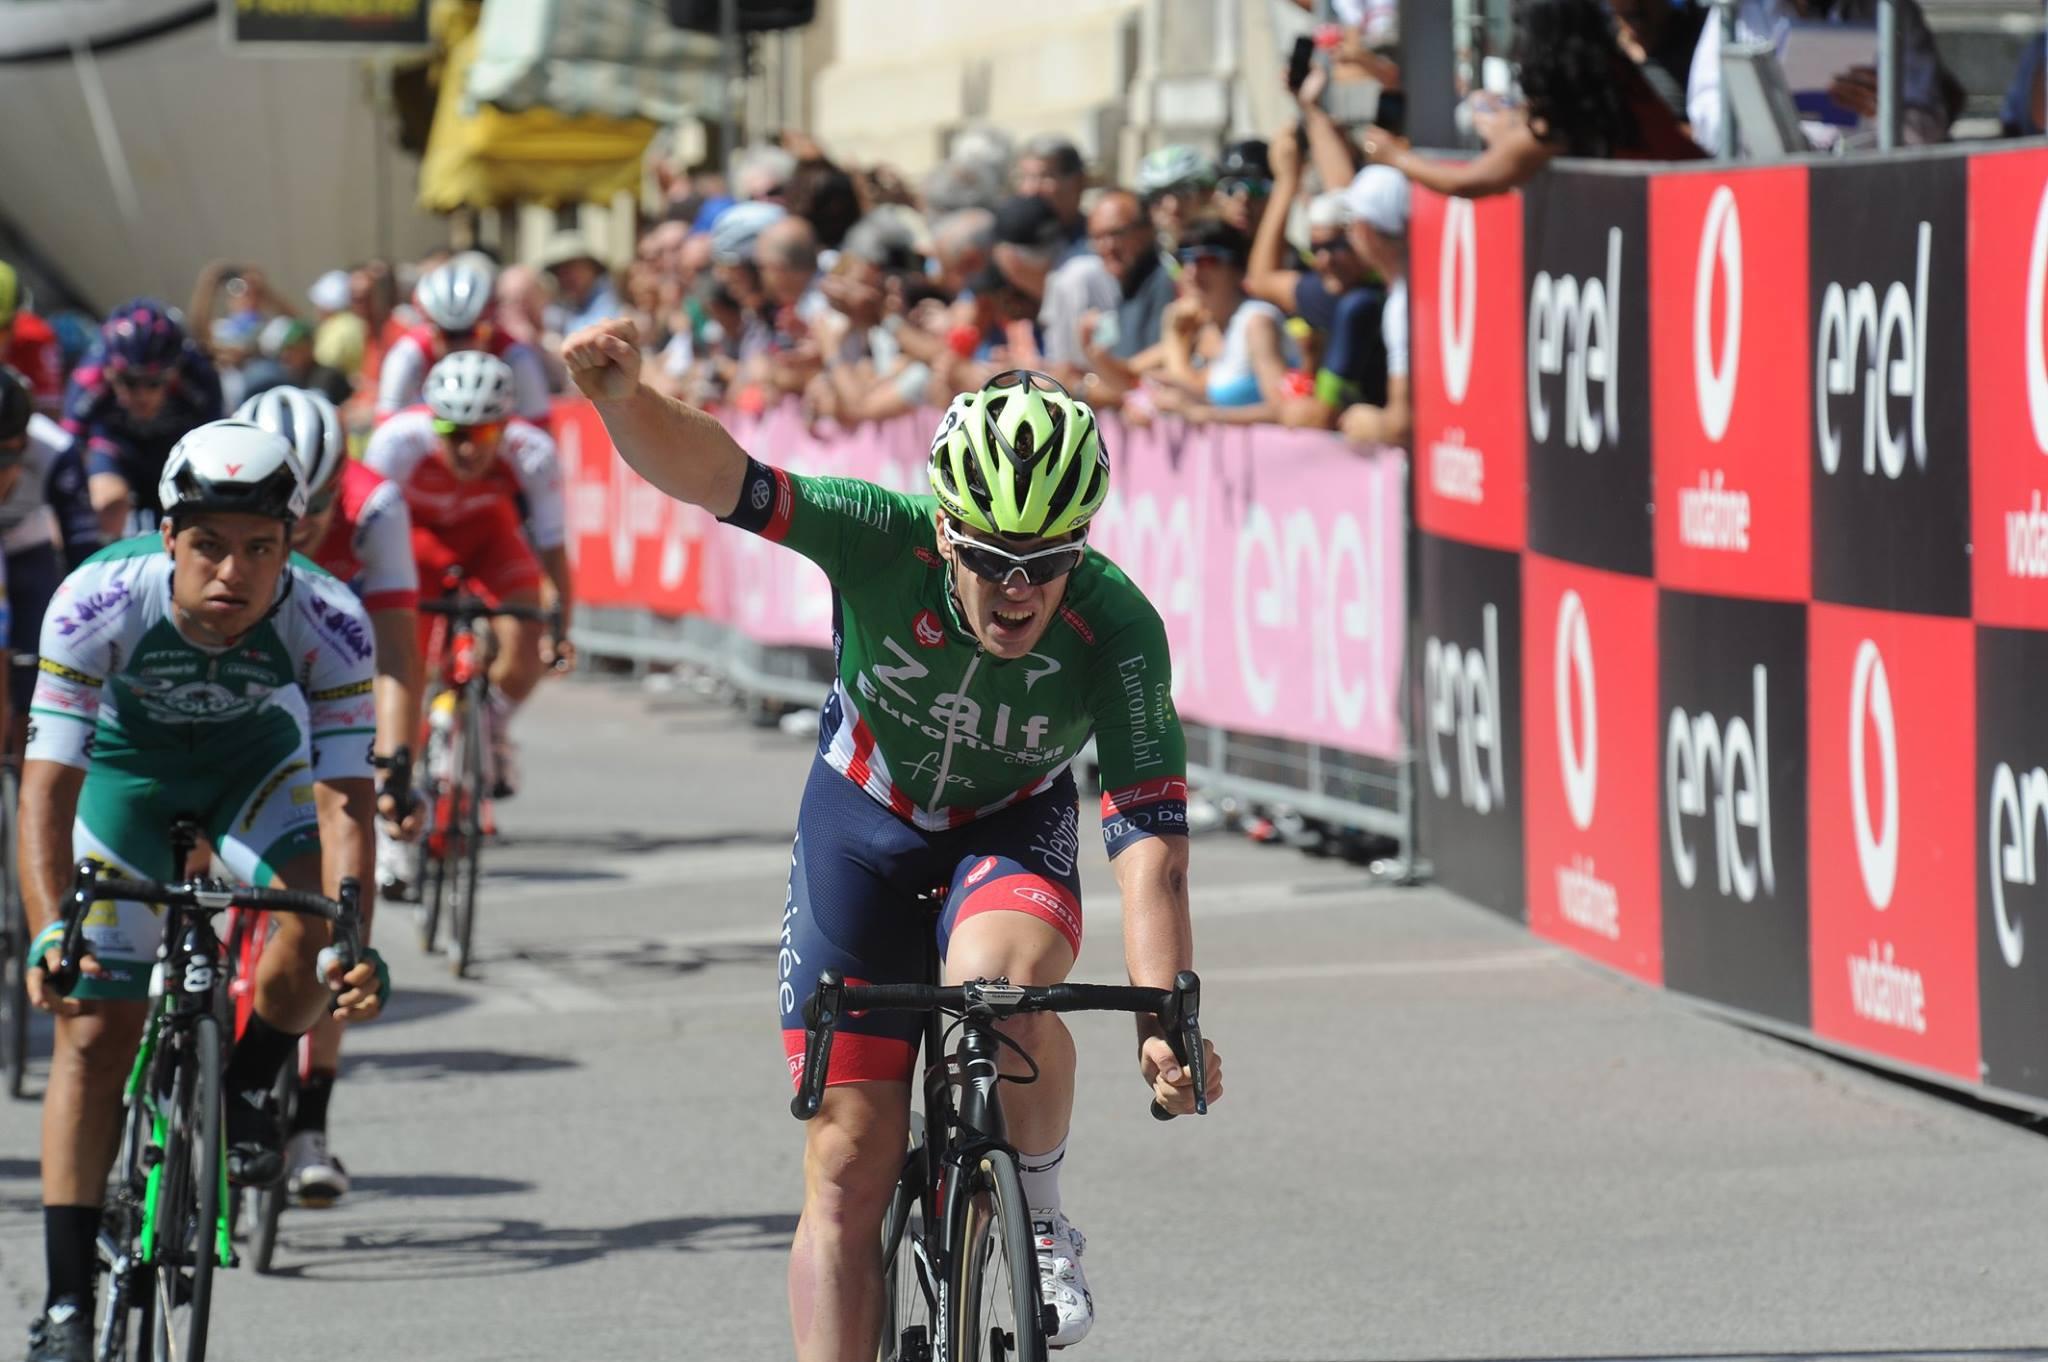 Alberto Dainese vince la prima semitappa della nona tappa del Giro d'Italia Under 23 a Valdobbiadene